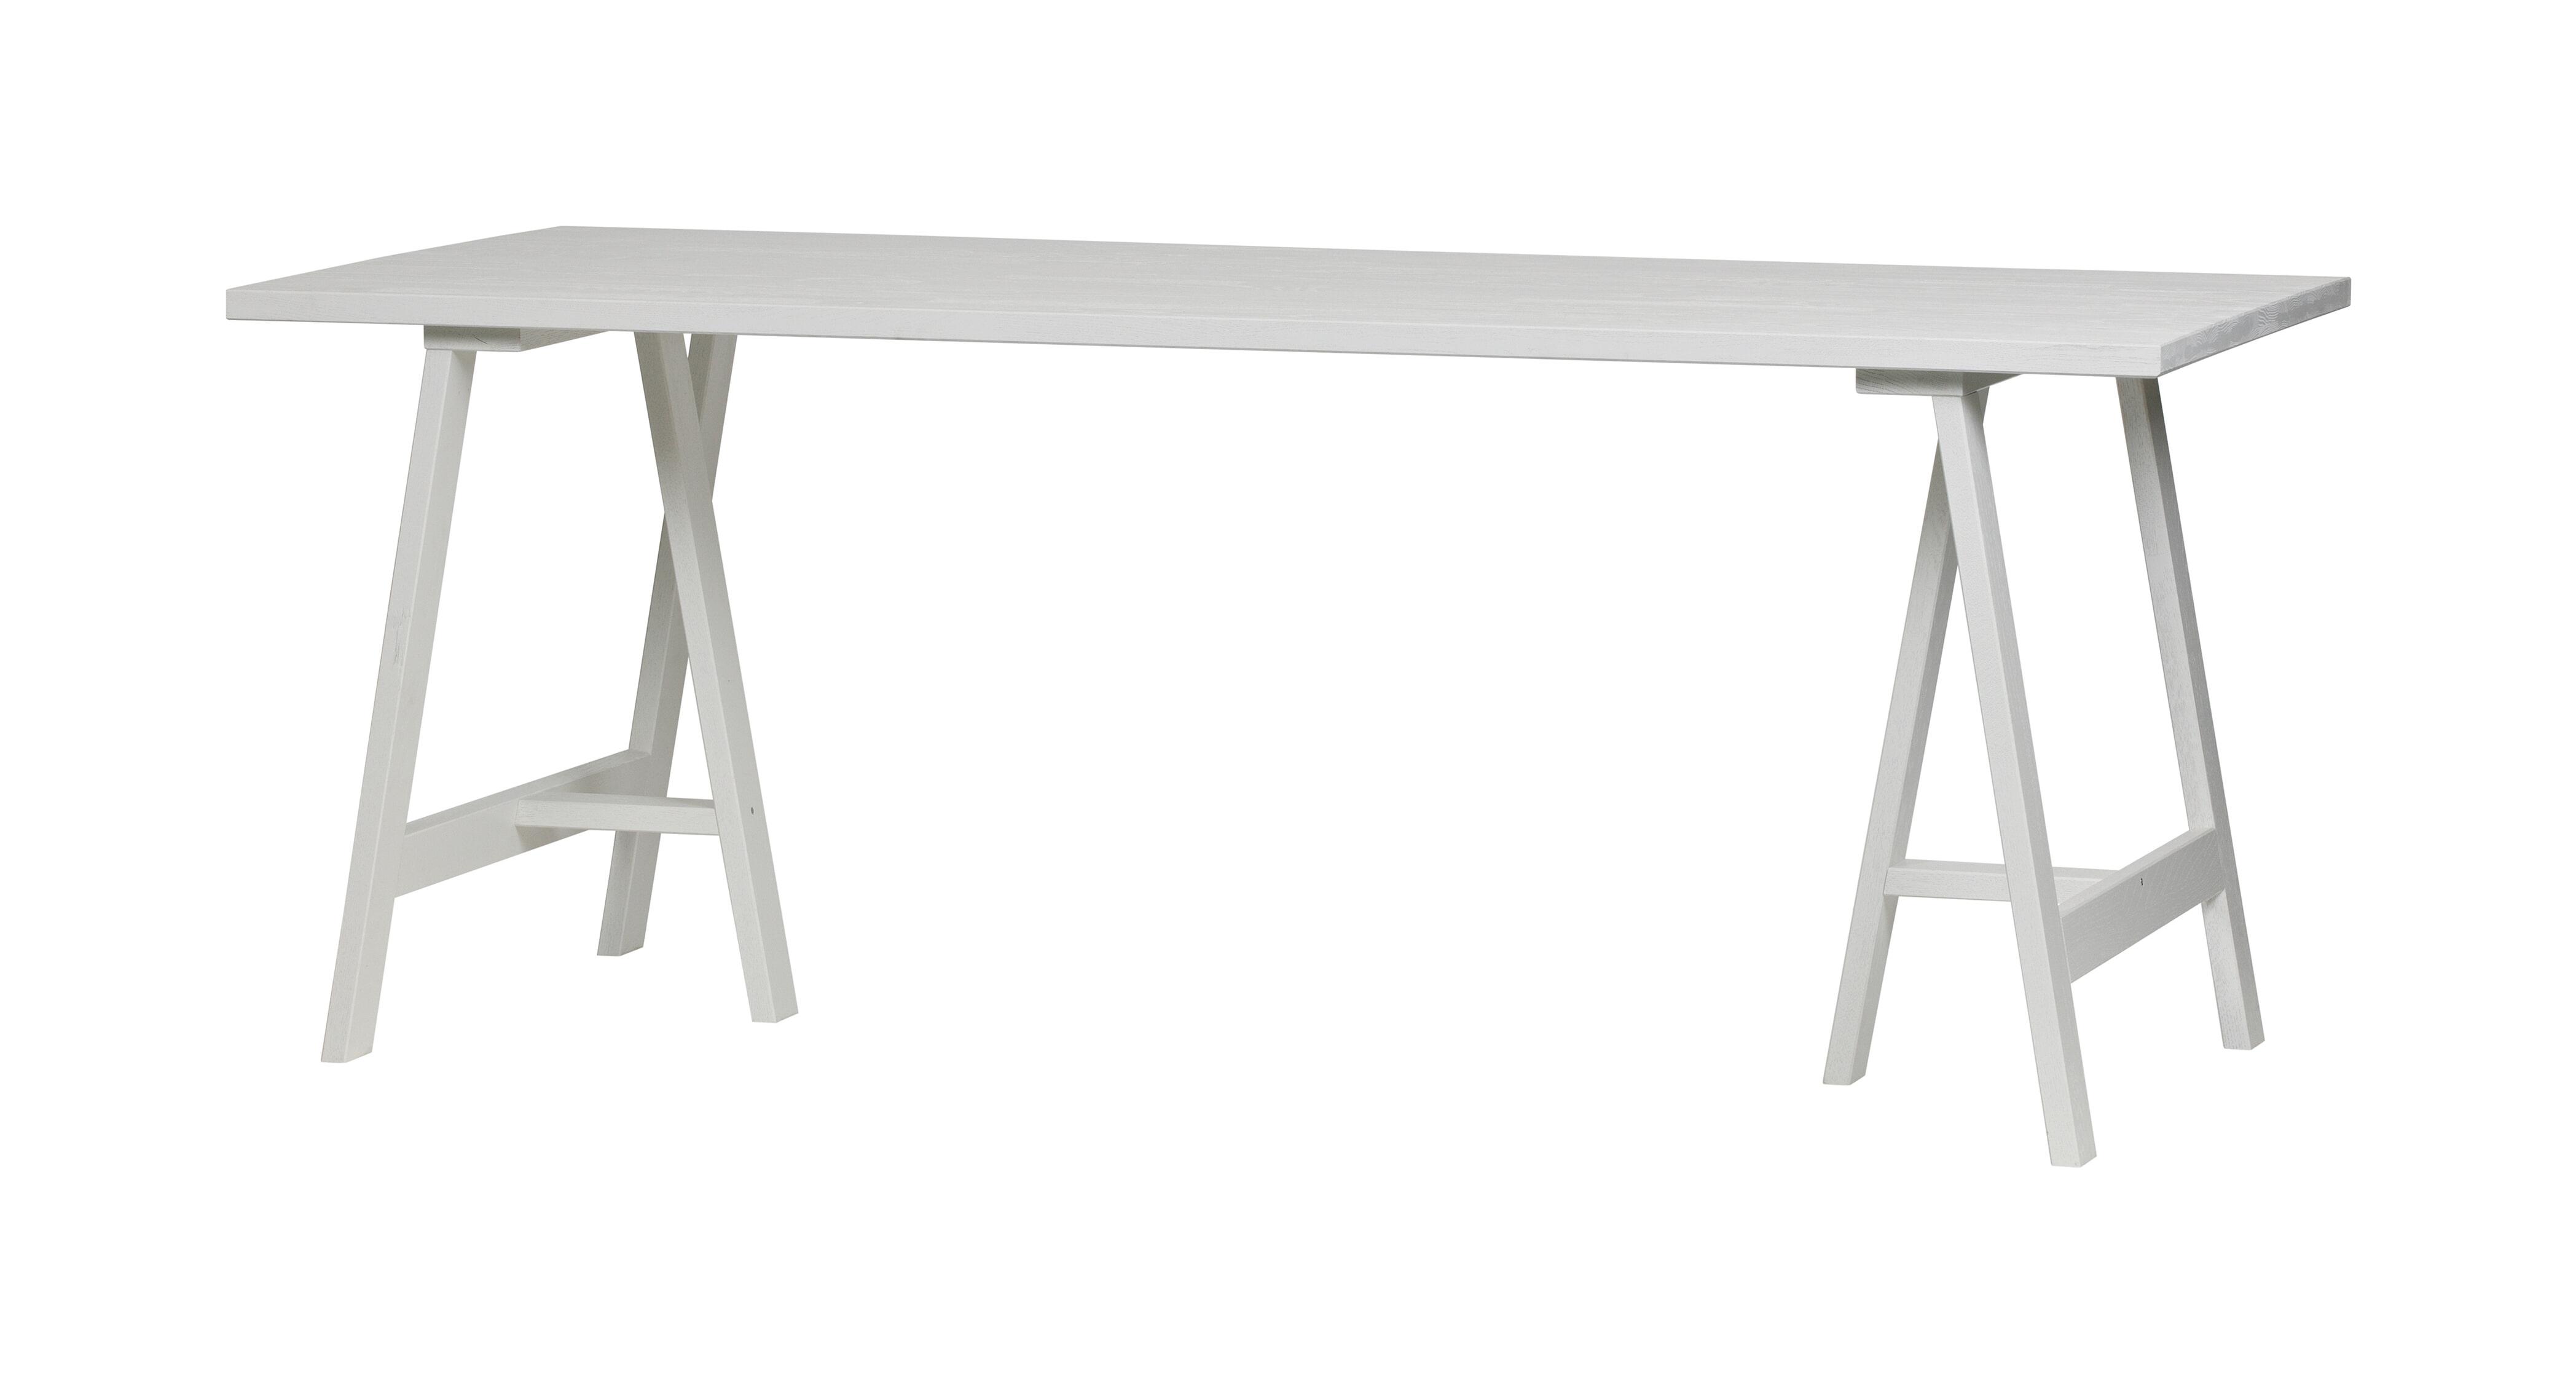 vtwonen Eettafel 'Panel' 190 x 80cm, kleur Wit met voordeel snel in huis via Meubel Partner